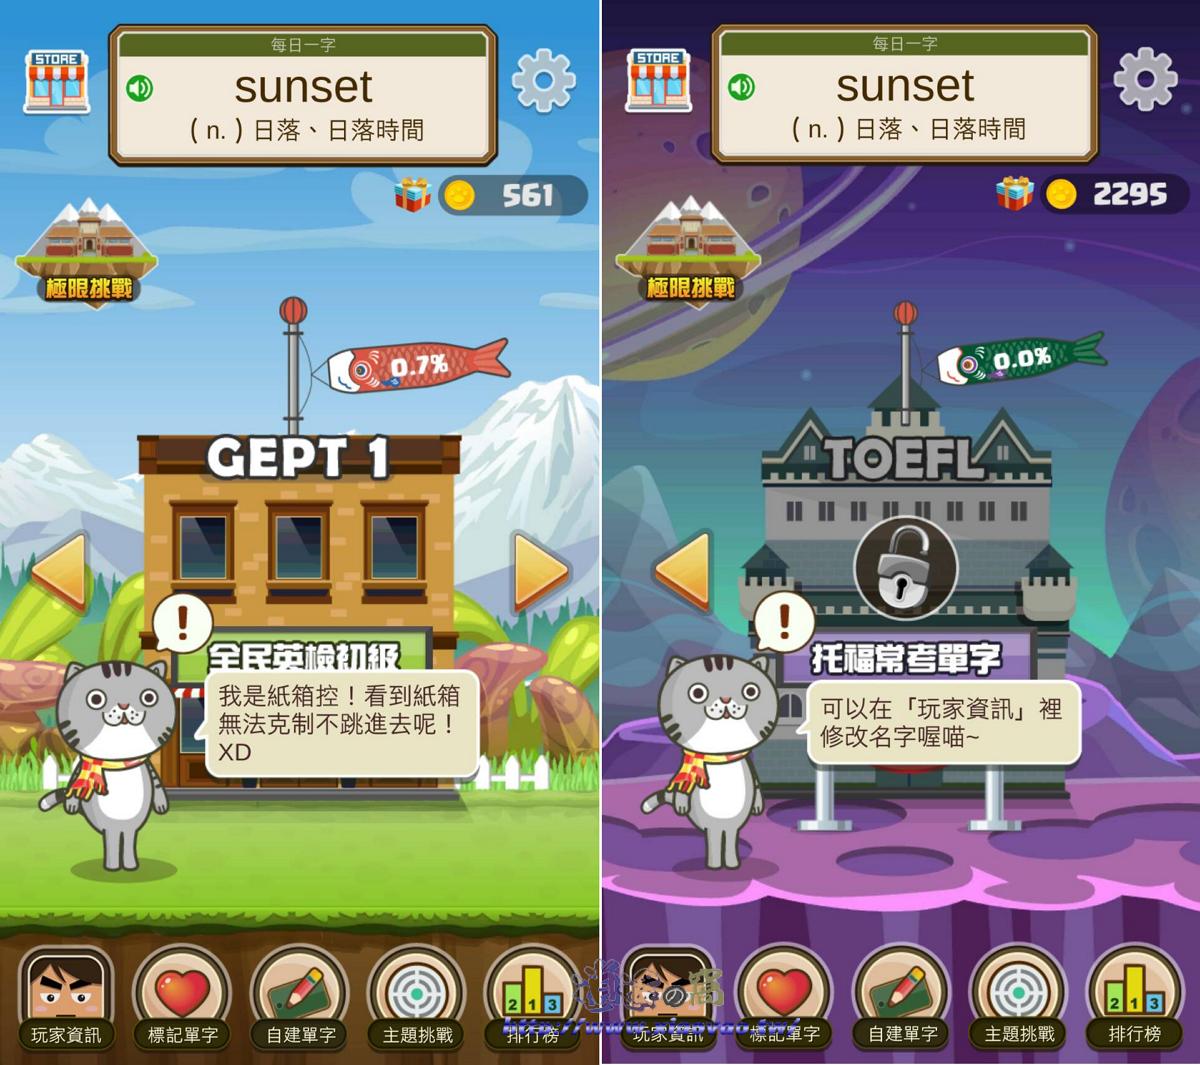 超級單字王APP玩遊戲記憶英文單字